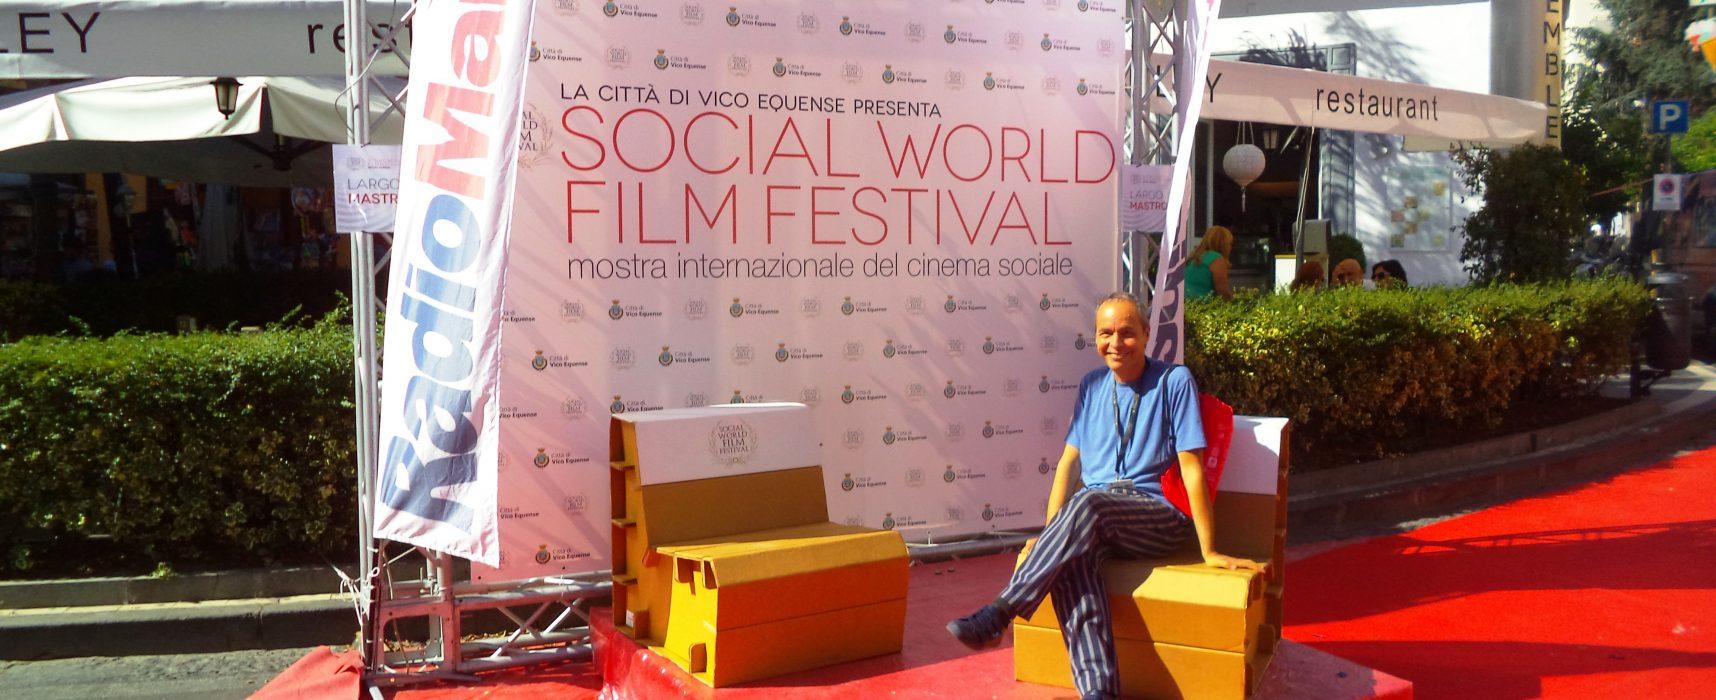 Al Social World Film Festival  il Mercato europeo del cinema giovane